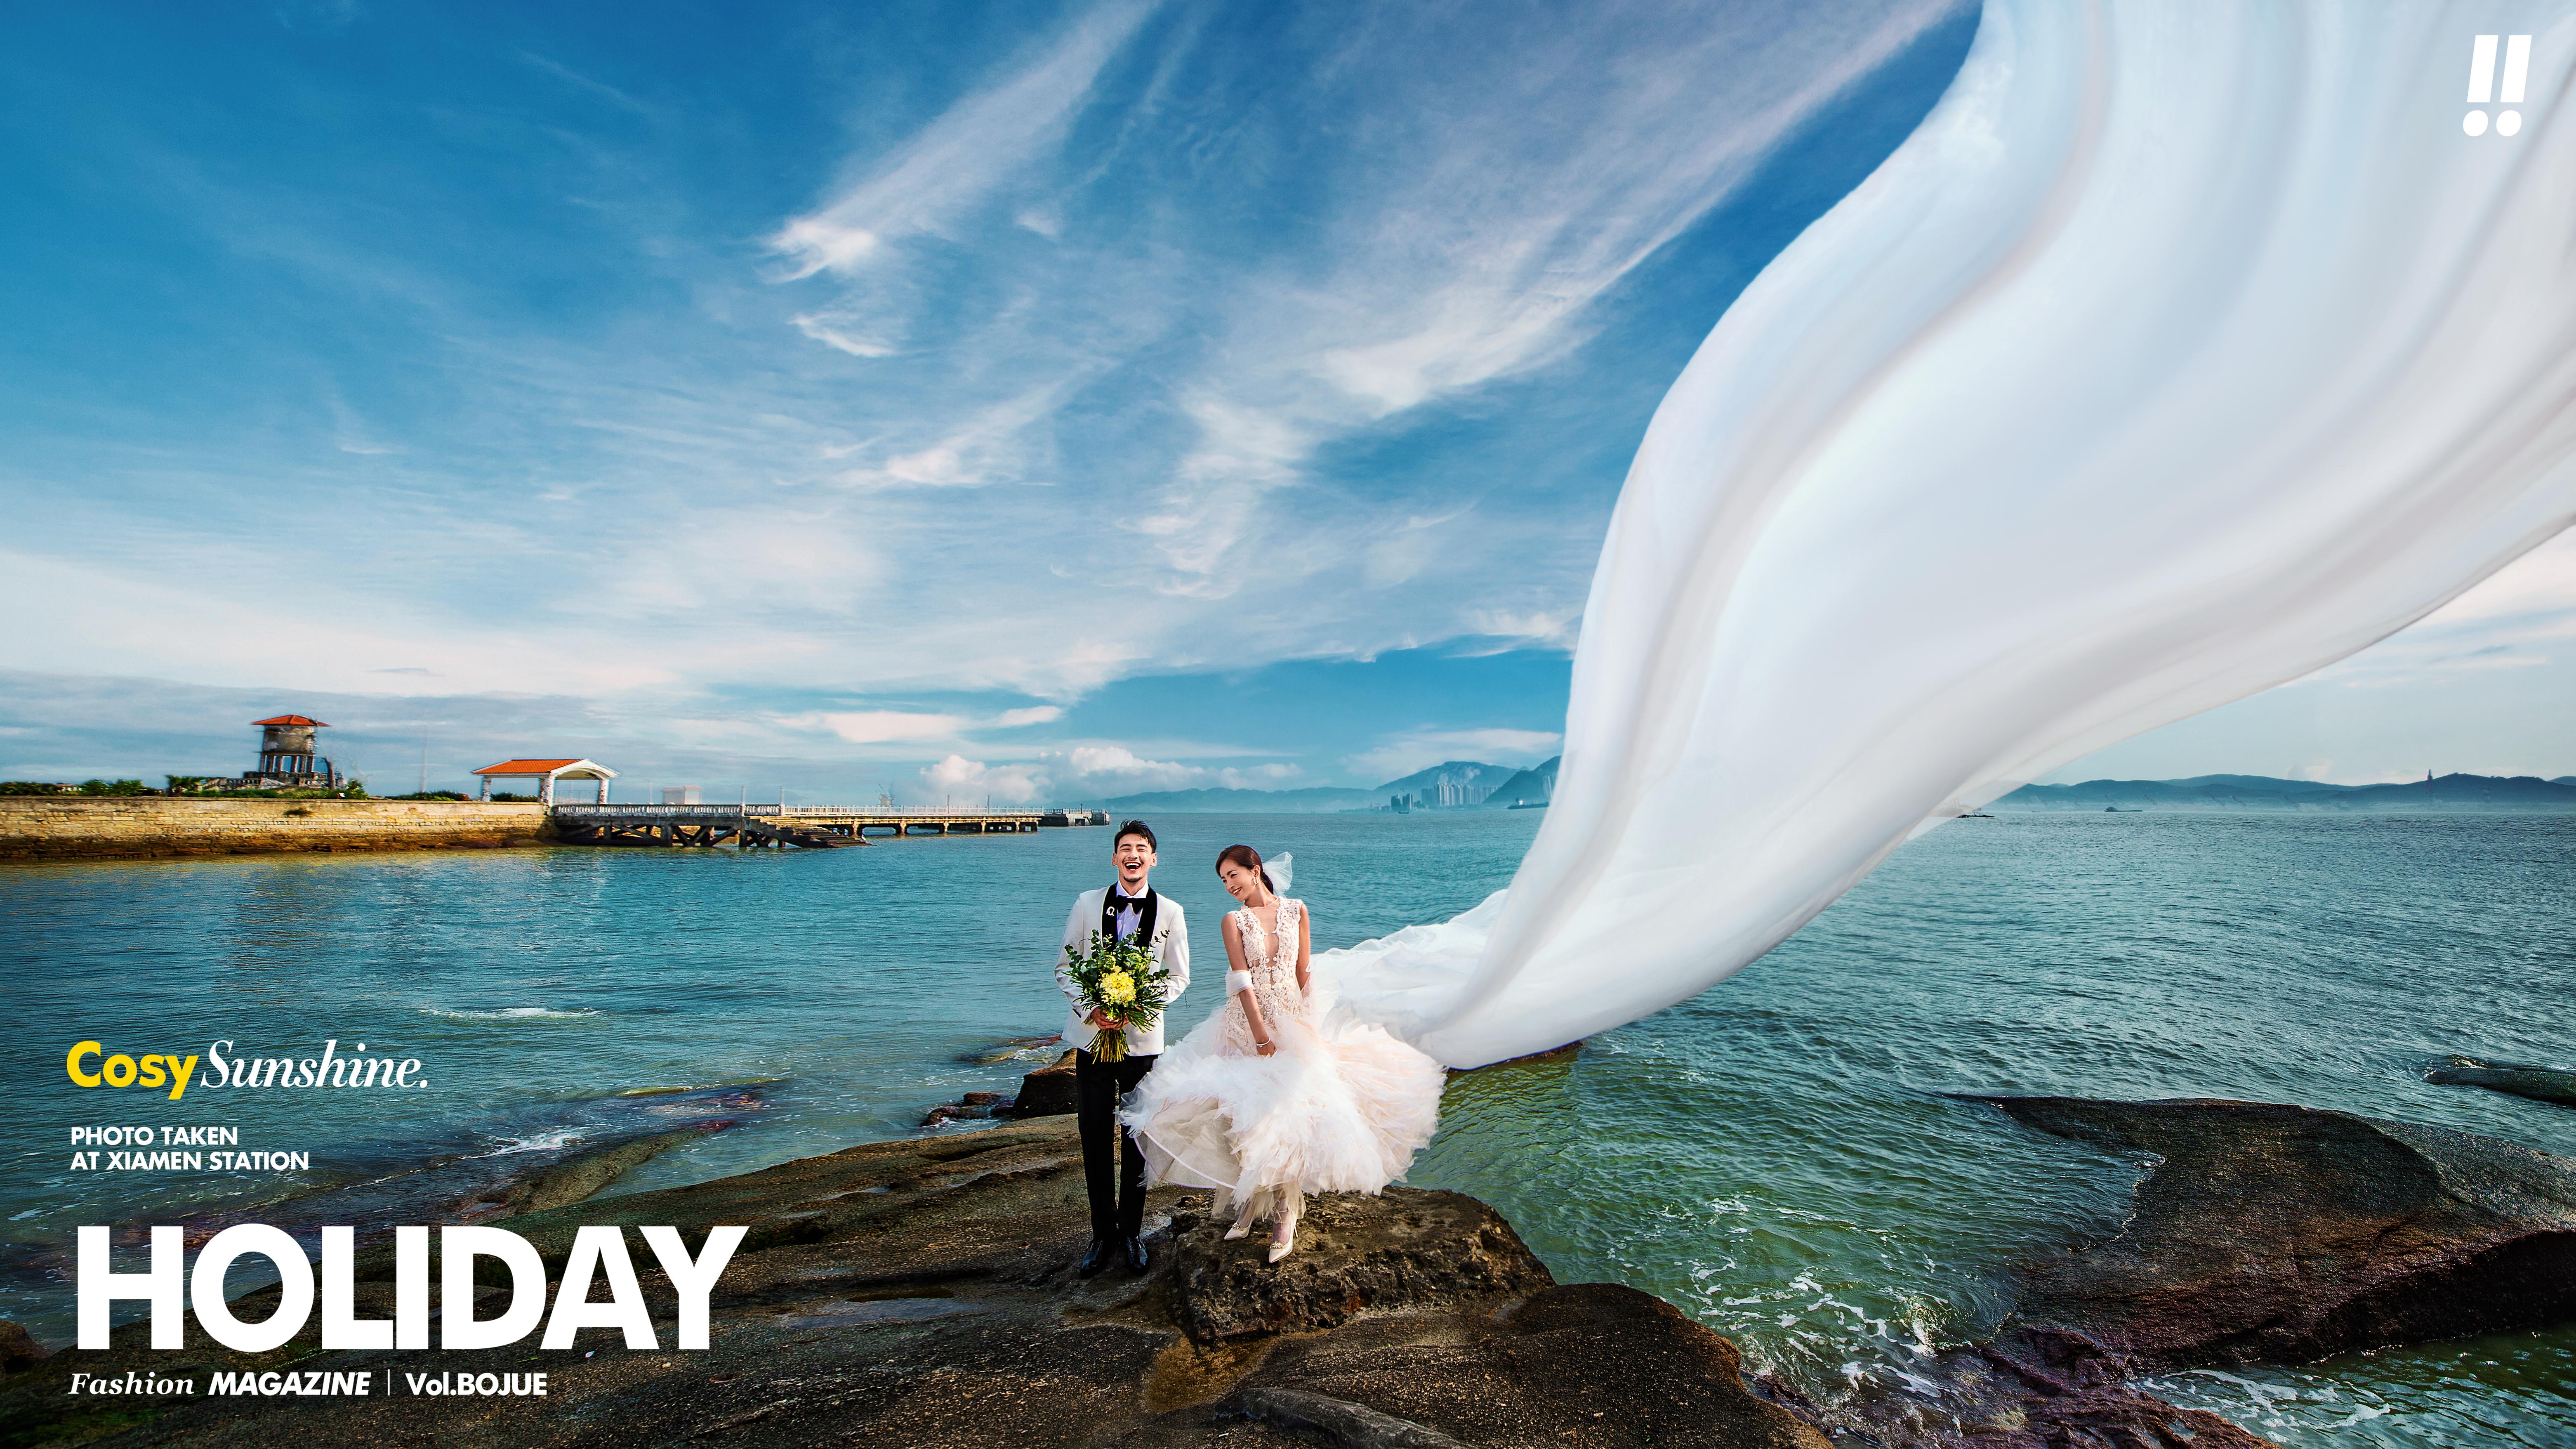 海景婚纱照几月份拍好 厦门海景婚纱摄影什么时候最合适